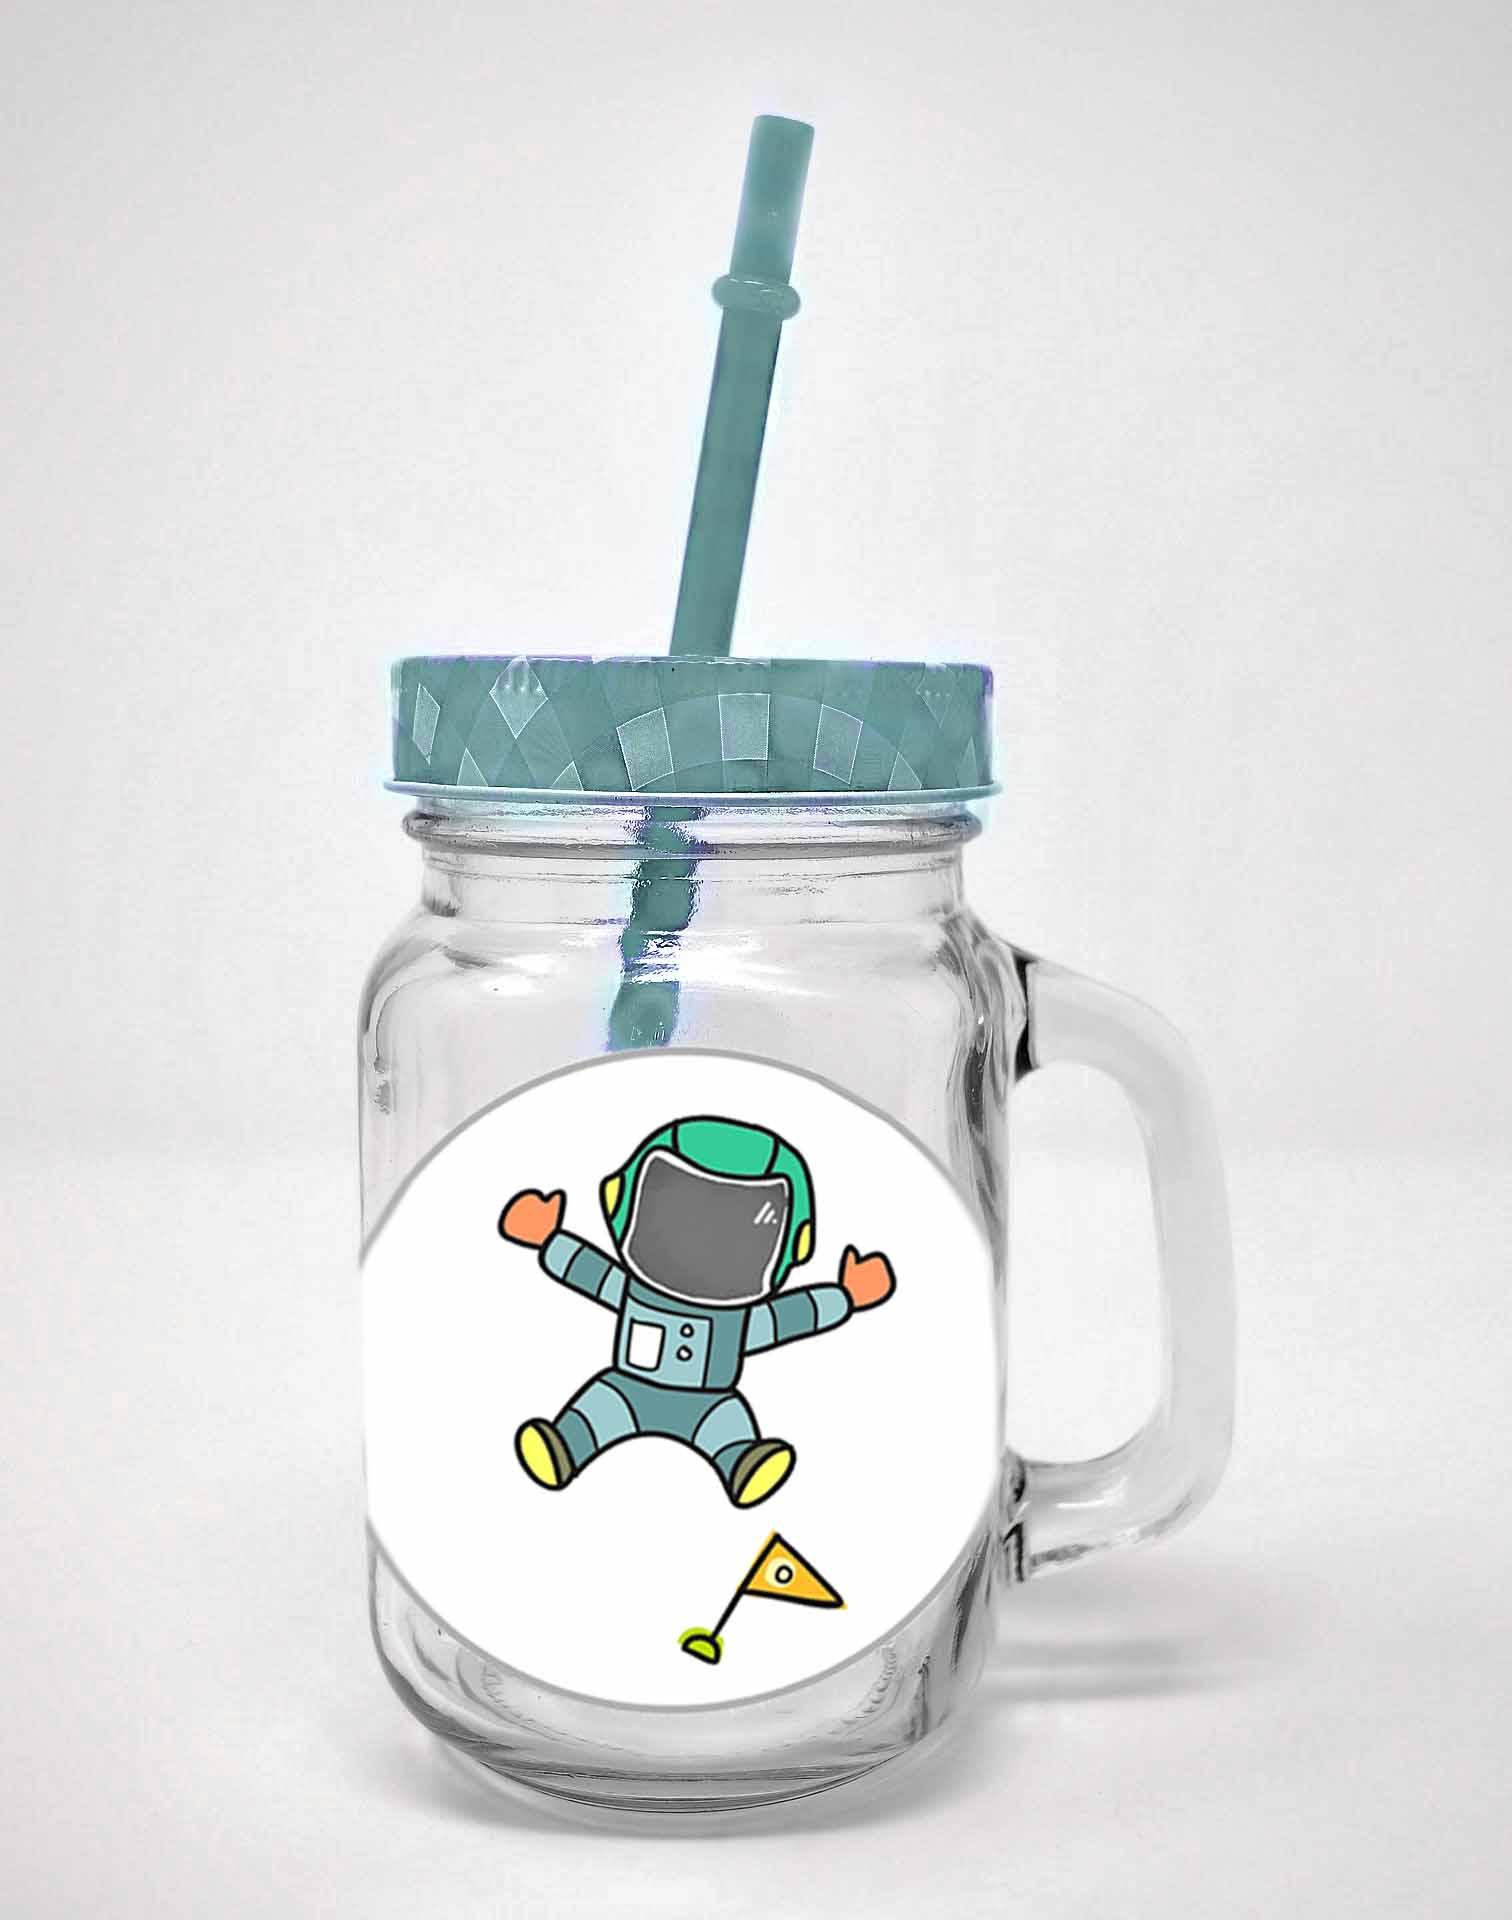 Druckvorlagen für den perfekten Weltraum Astronauten Kindergeburtstag